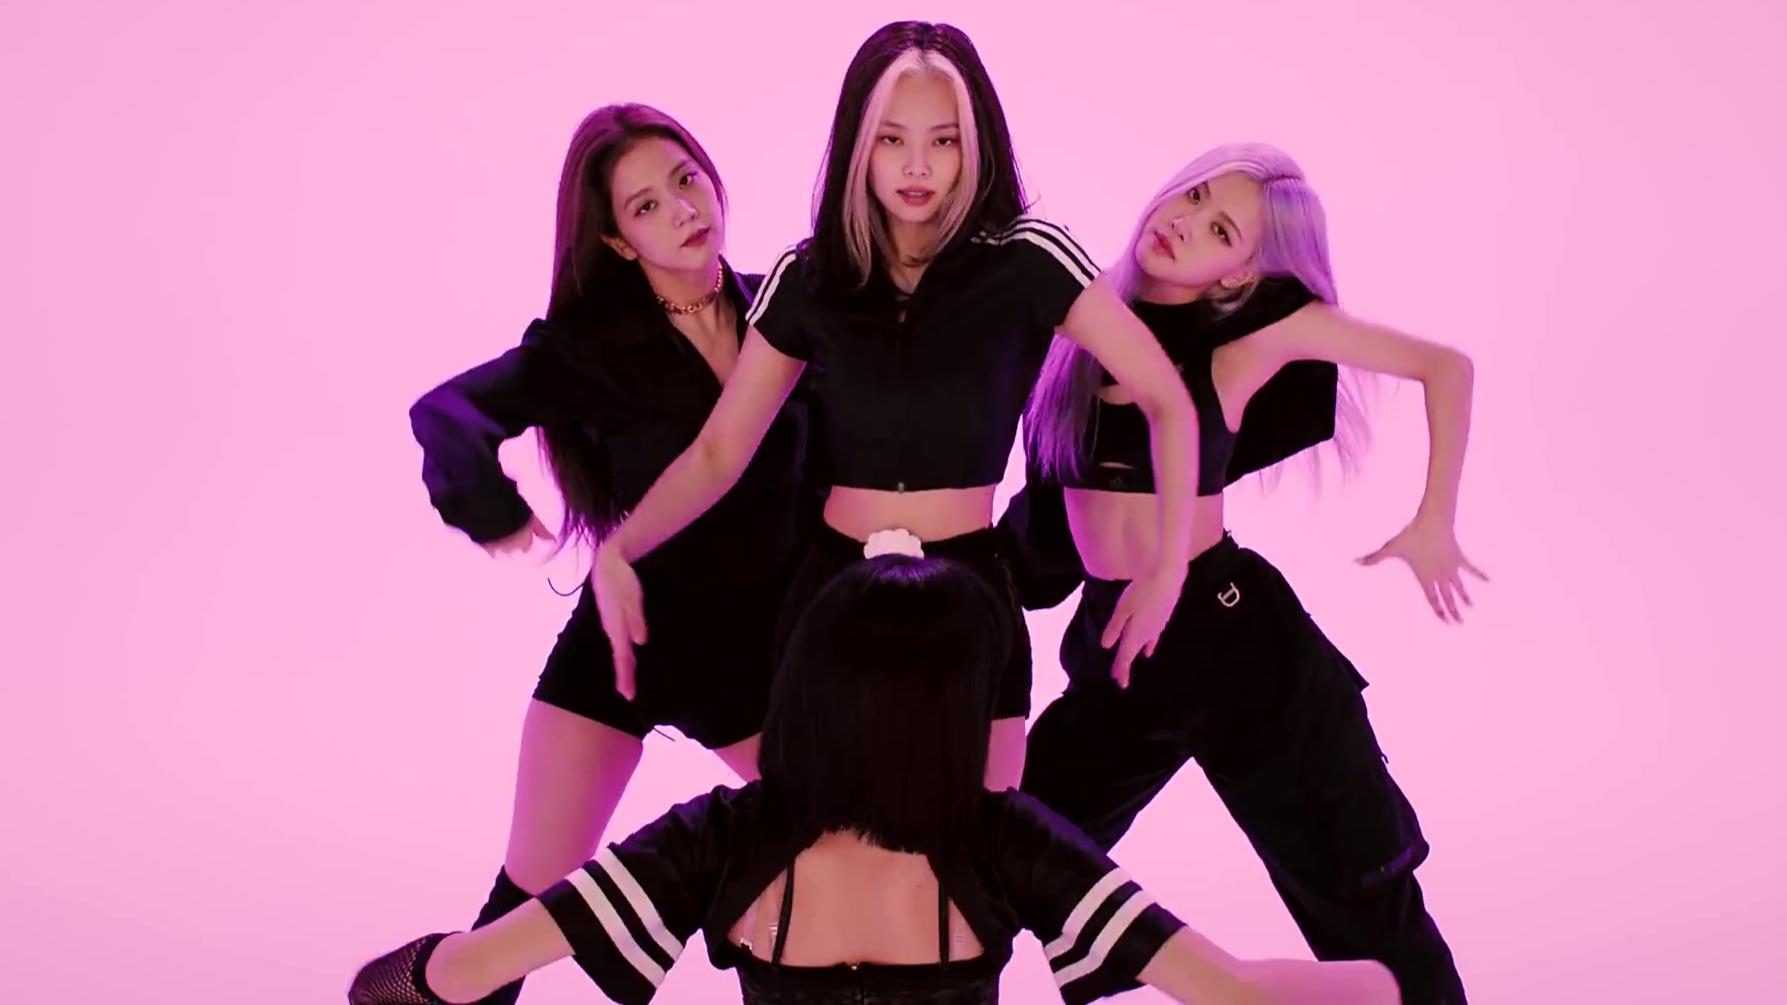 【欢迎萌新】BLACKPINK -  How You Like That  DANCE PERFORM